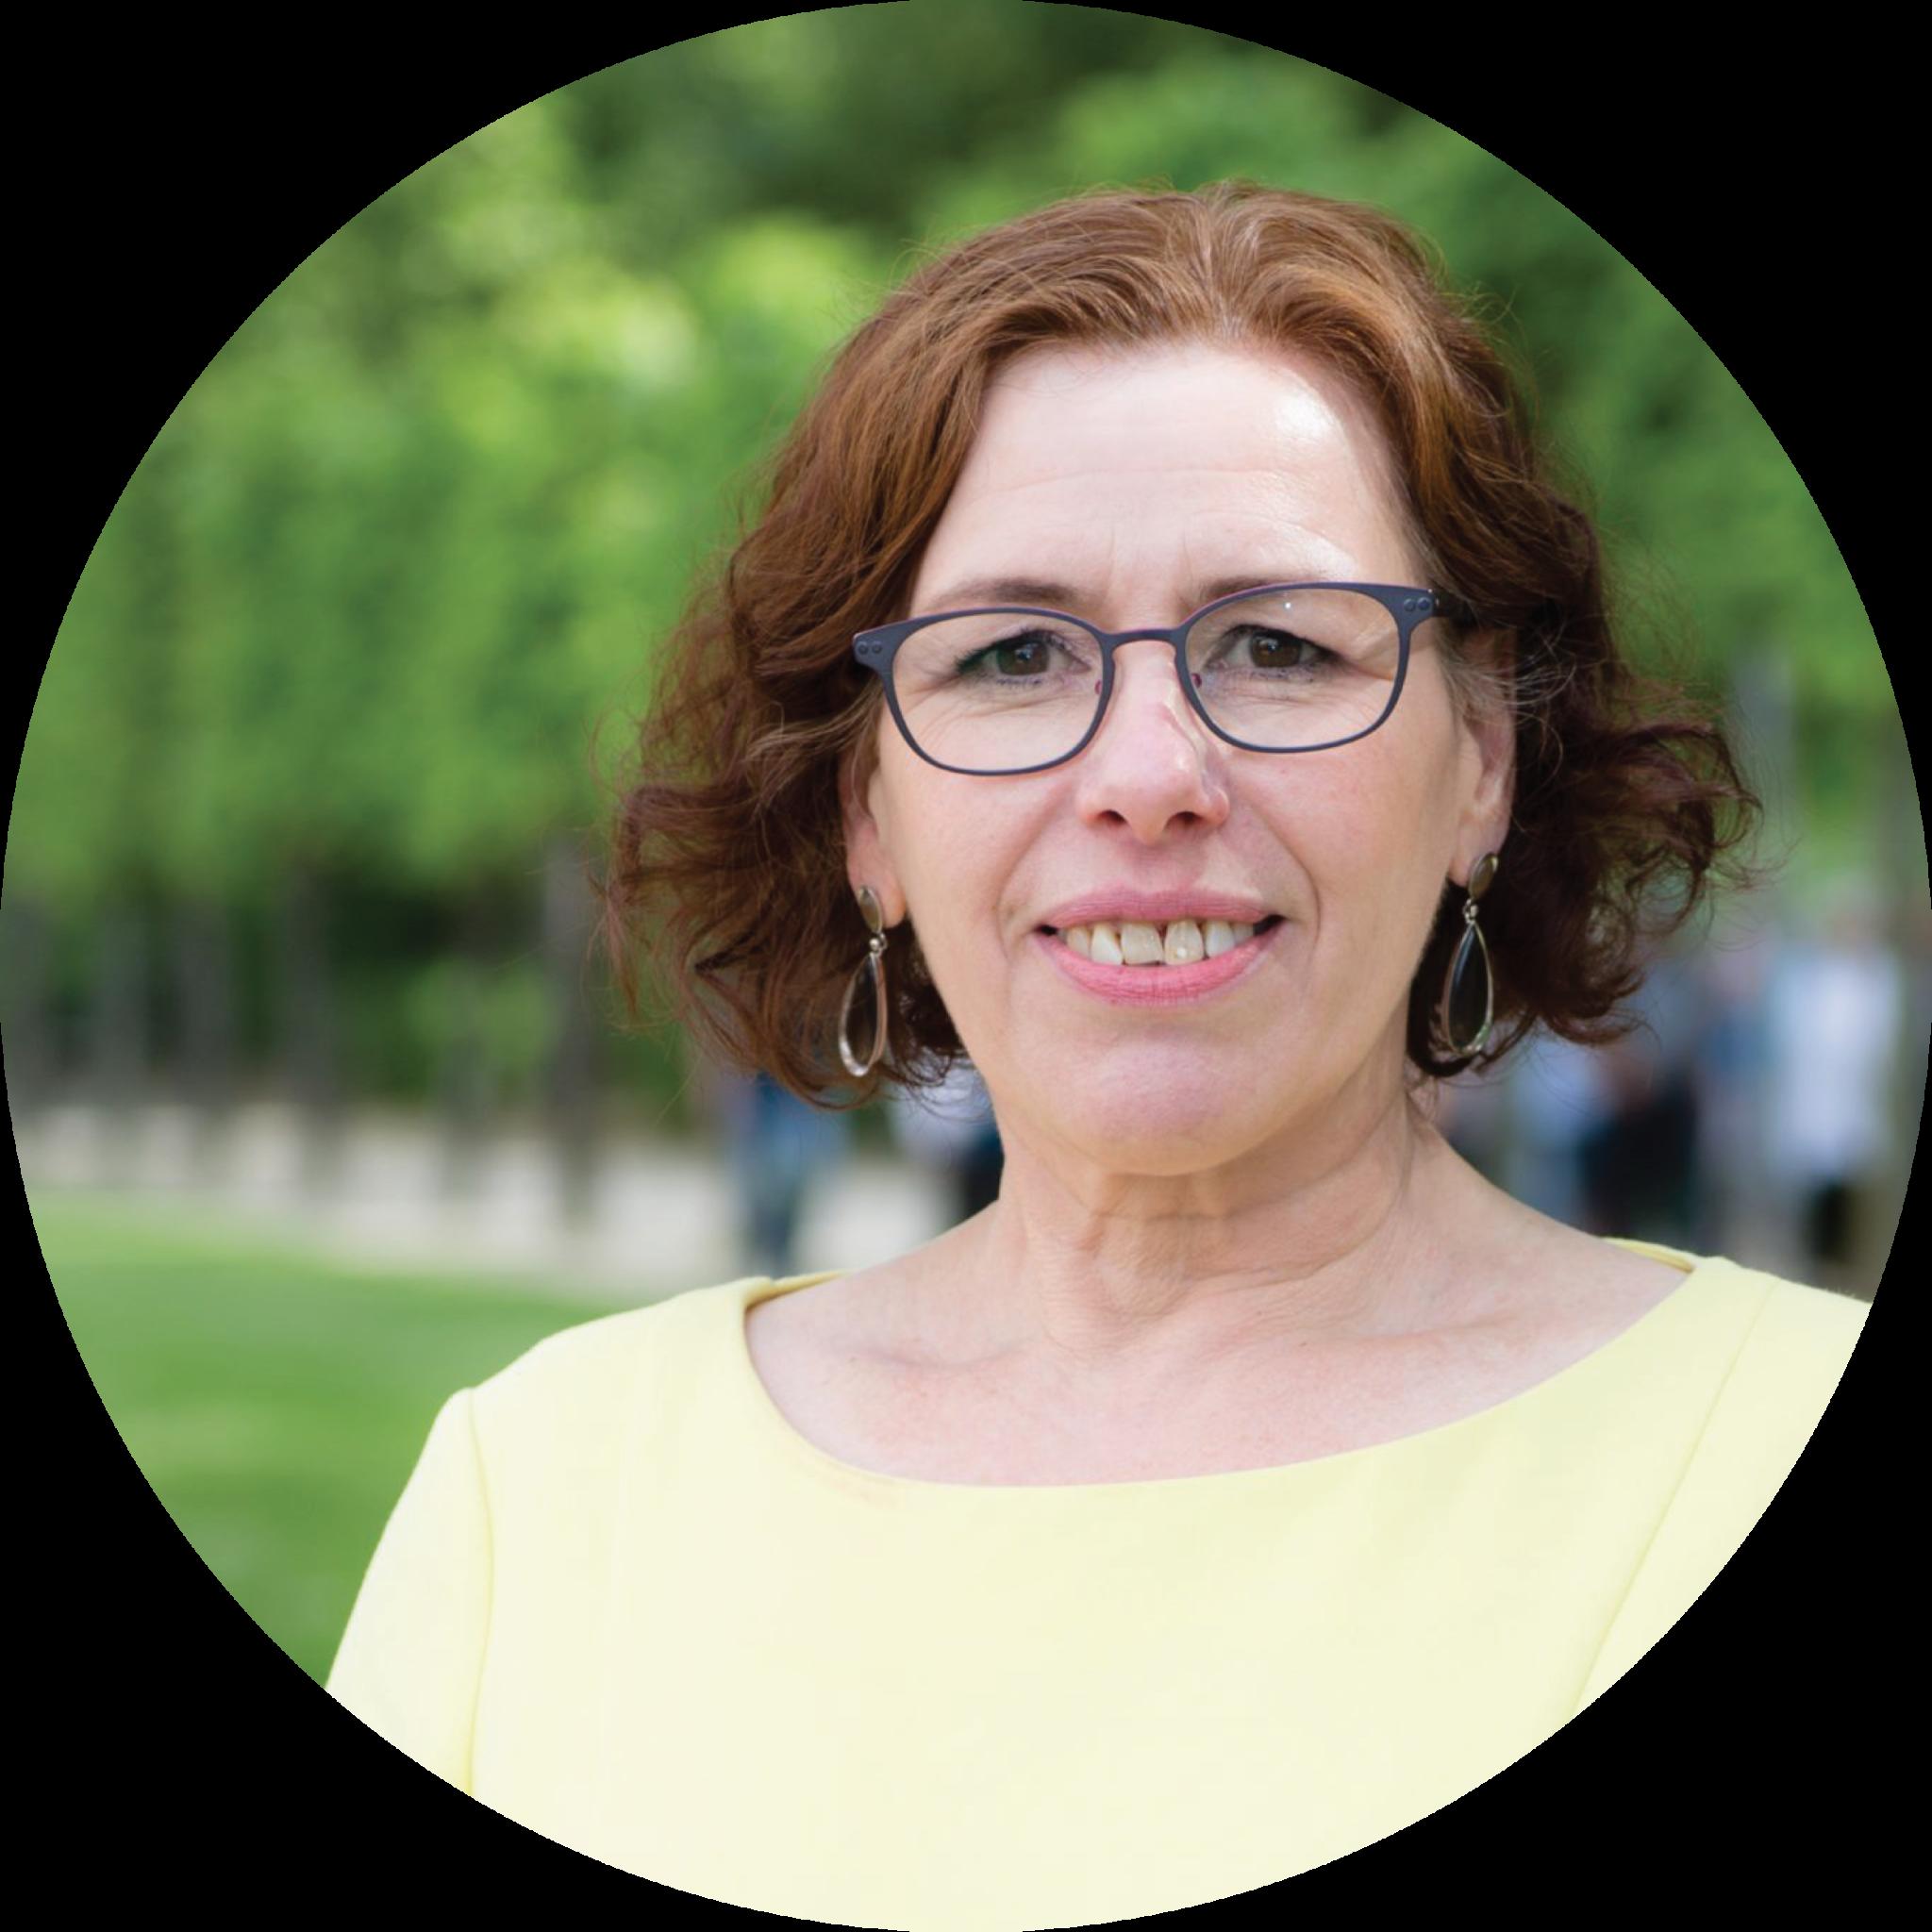 Katia Van den Broucke